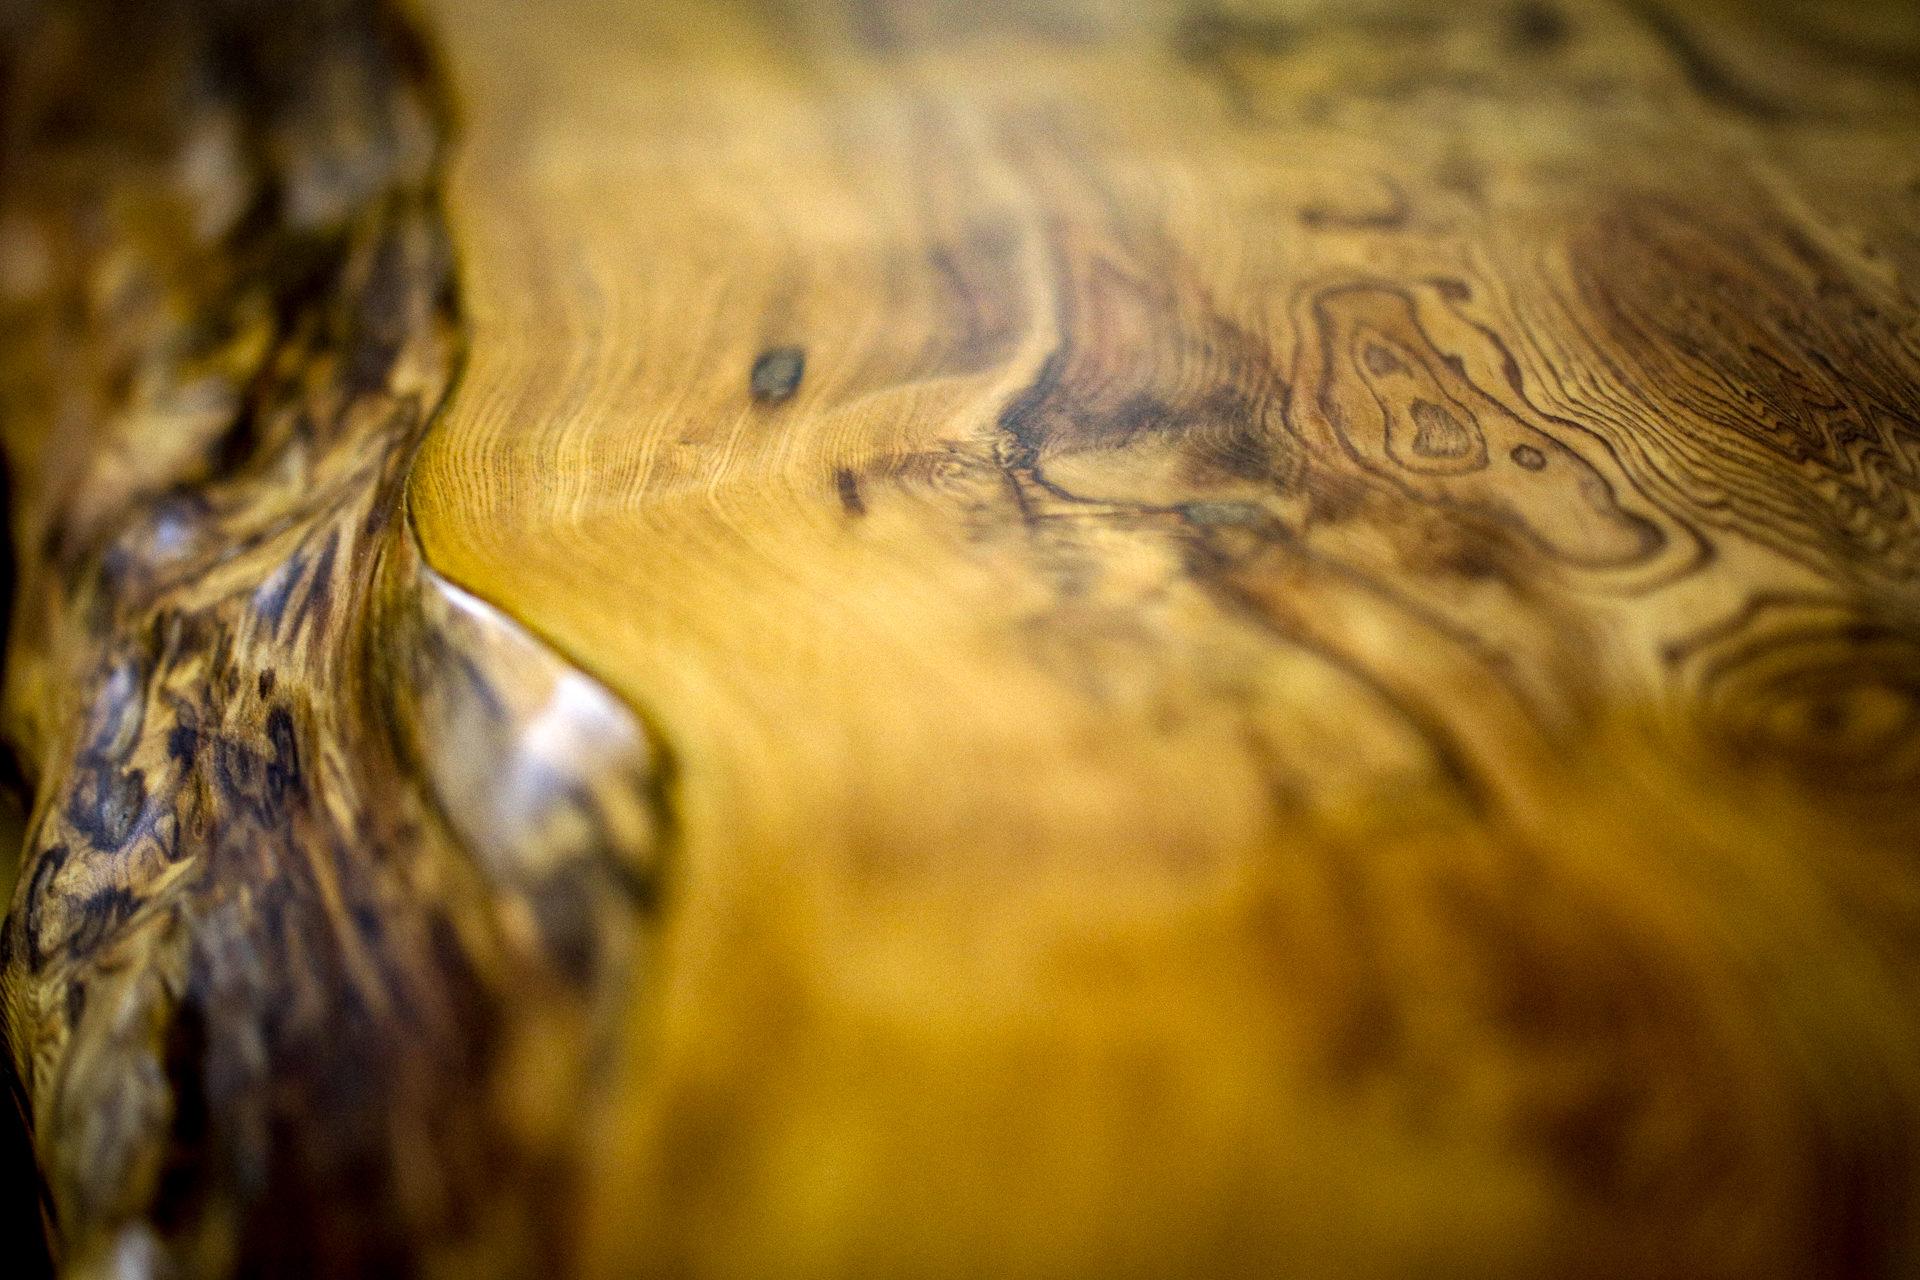 樹齢1000年を超える世界自然遺産屋久島で育った杉をいいます。 伐採するのではなく、台風で倒れた木や土埋木を材料としてひとつひとつ適材適所での木取りをし丁寧に職人の手によって商品として産まれ変わります。